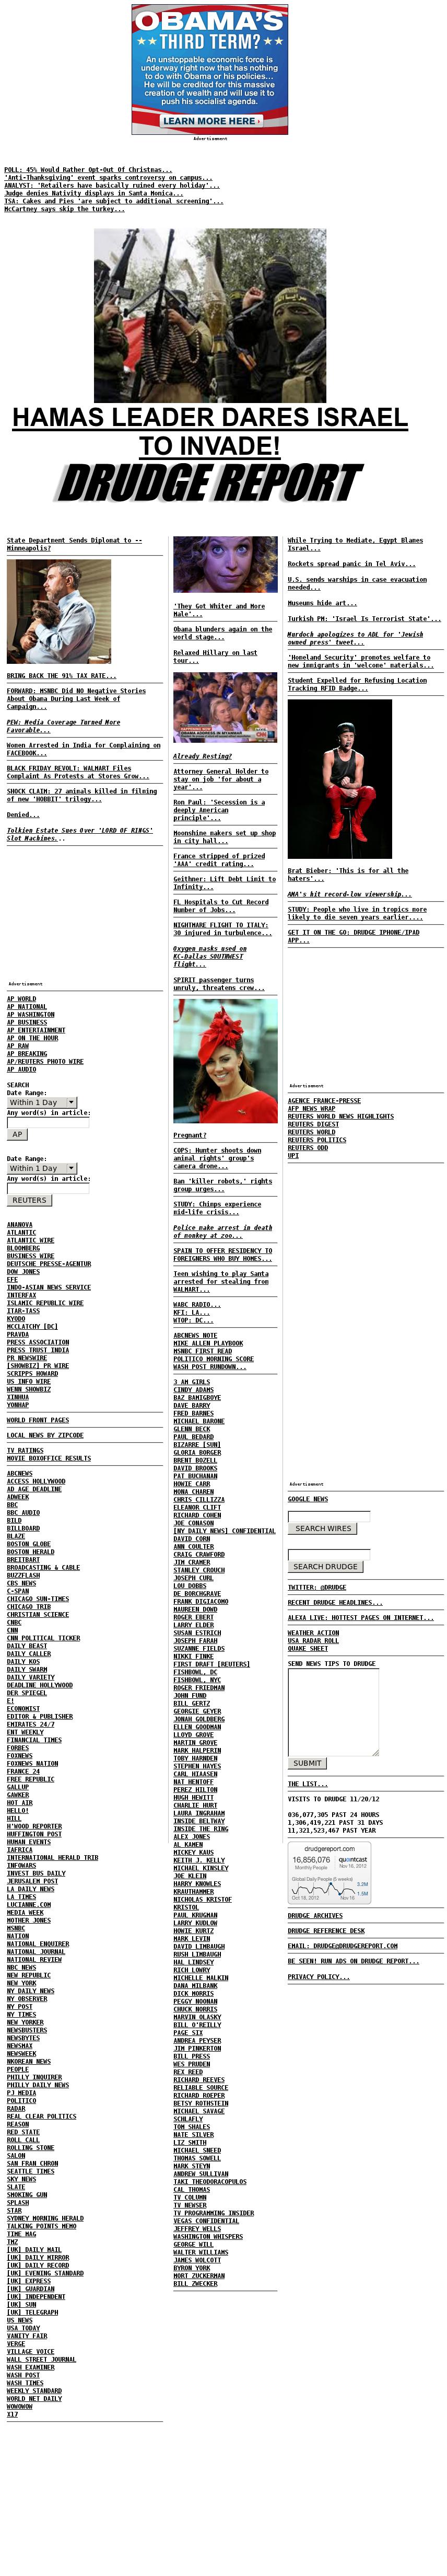 Drudge Report at Tuesday Nov. 20, 2012, 3:08 a.m. UTC